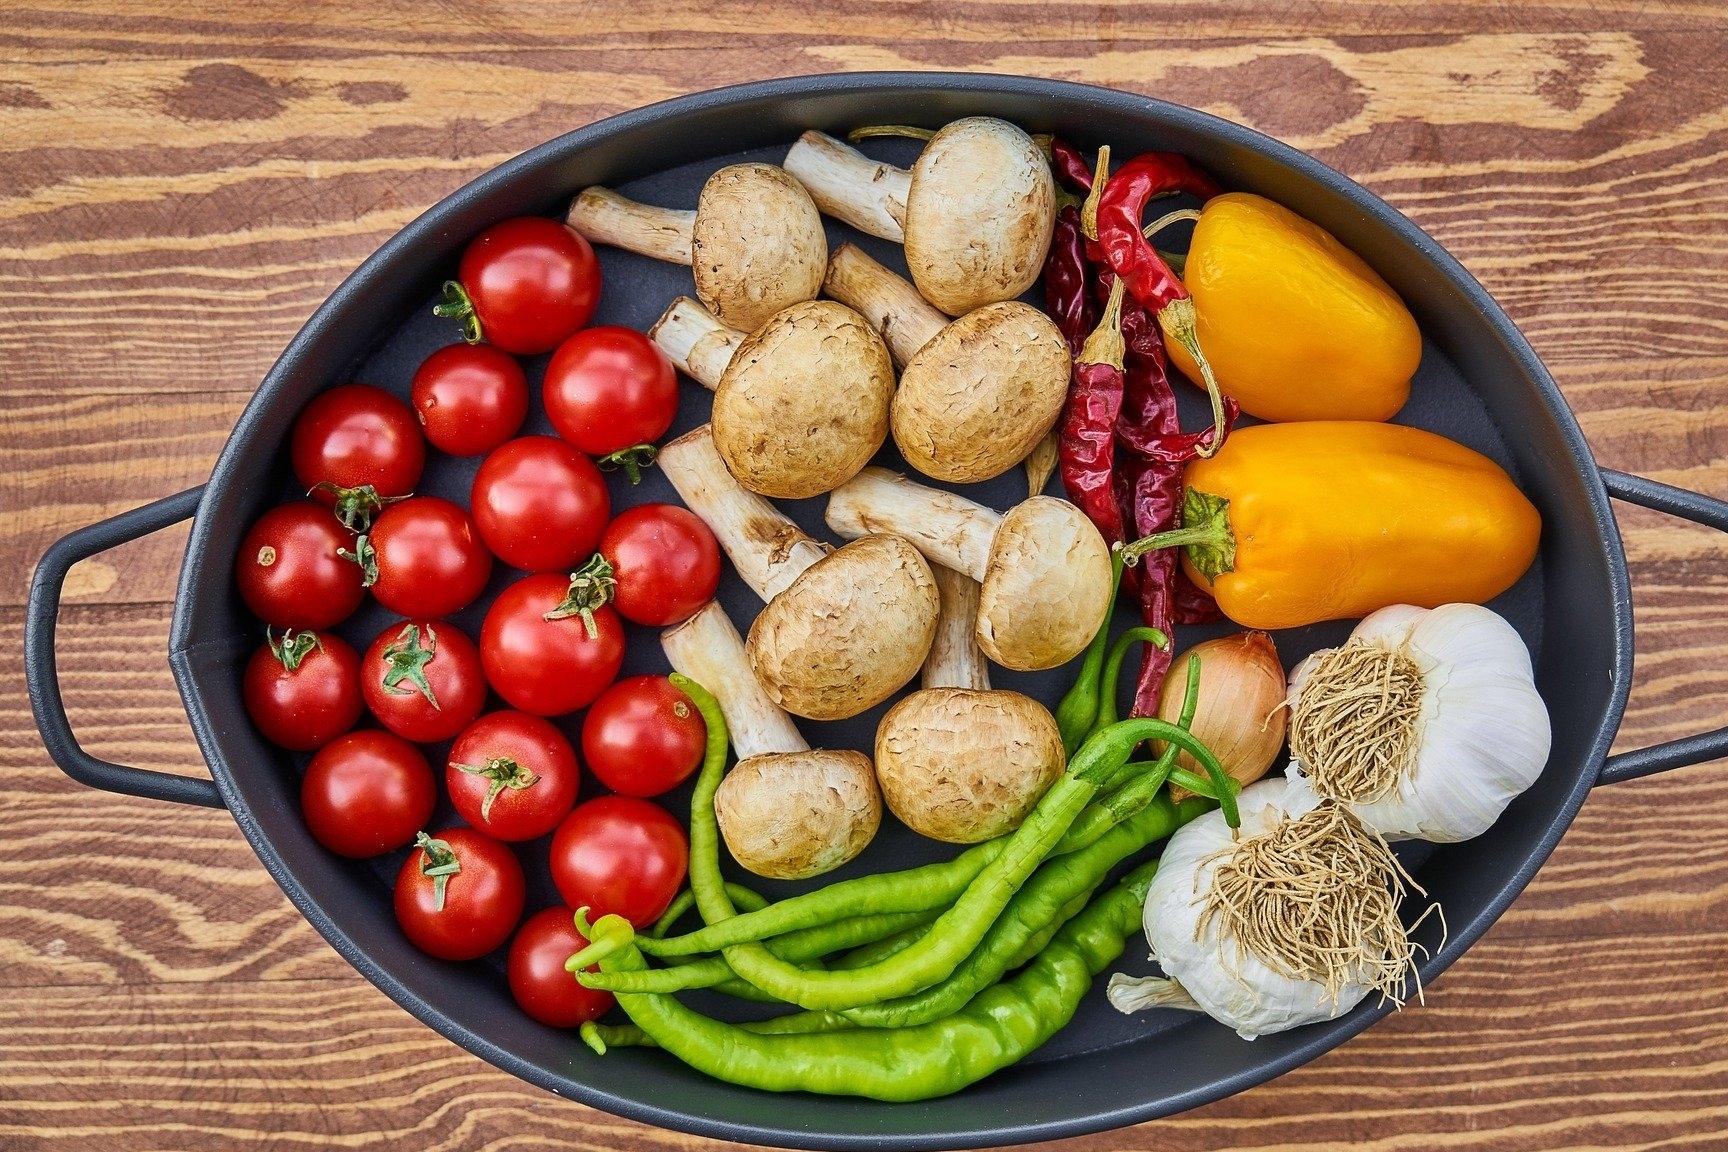 groente tools en skills